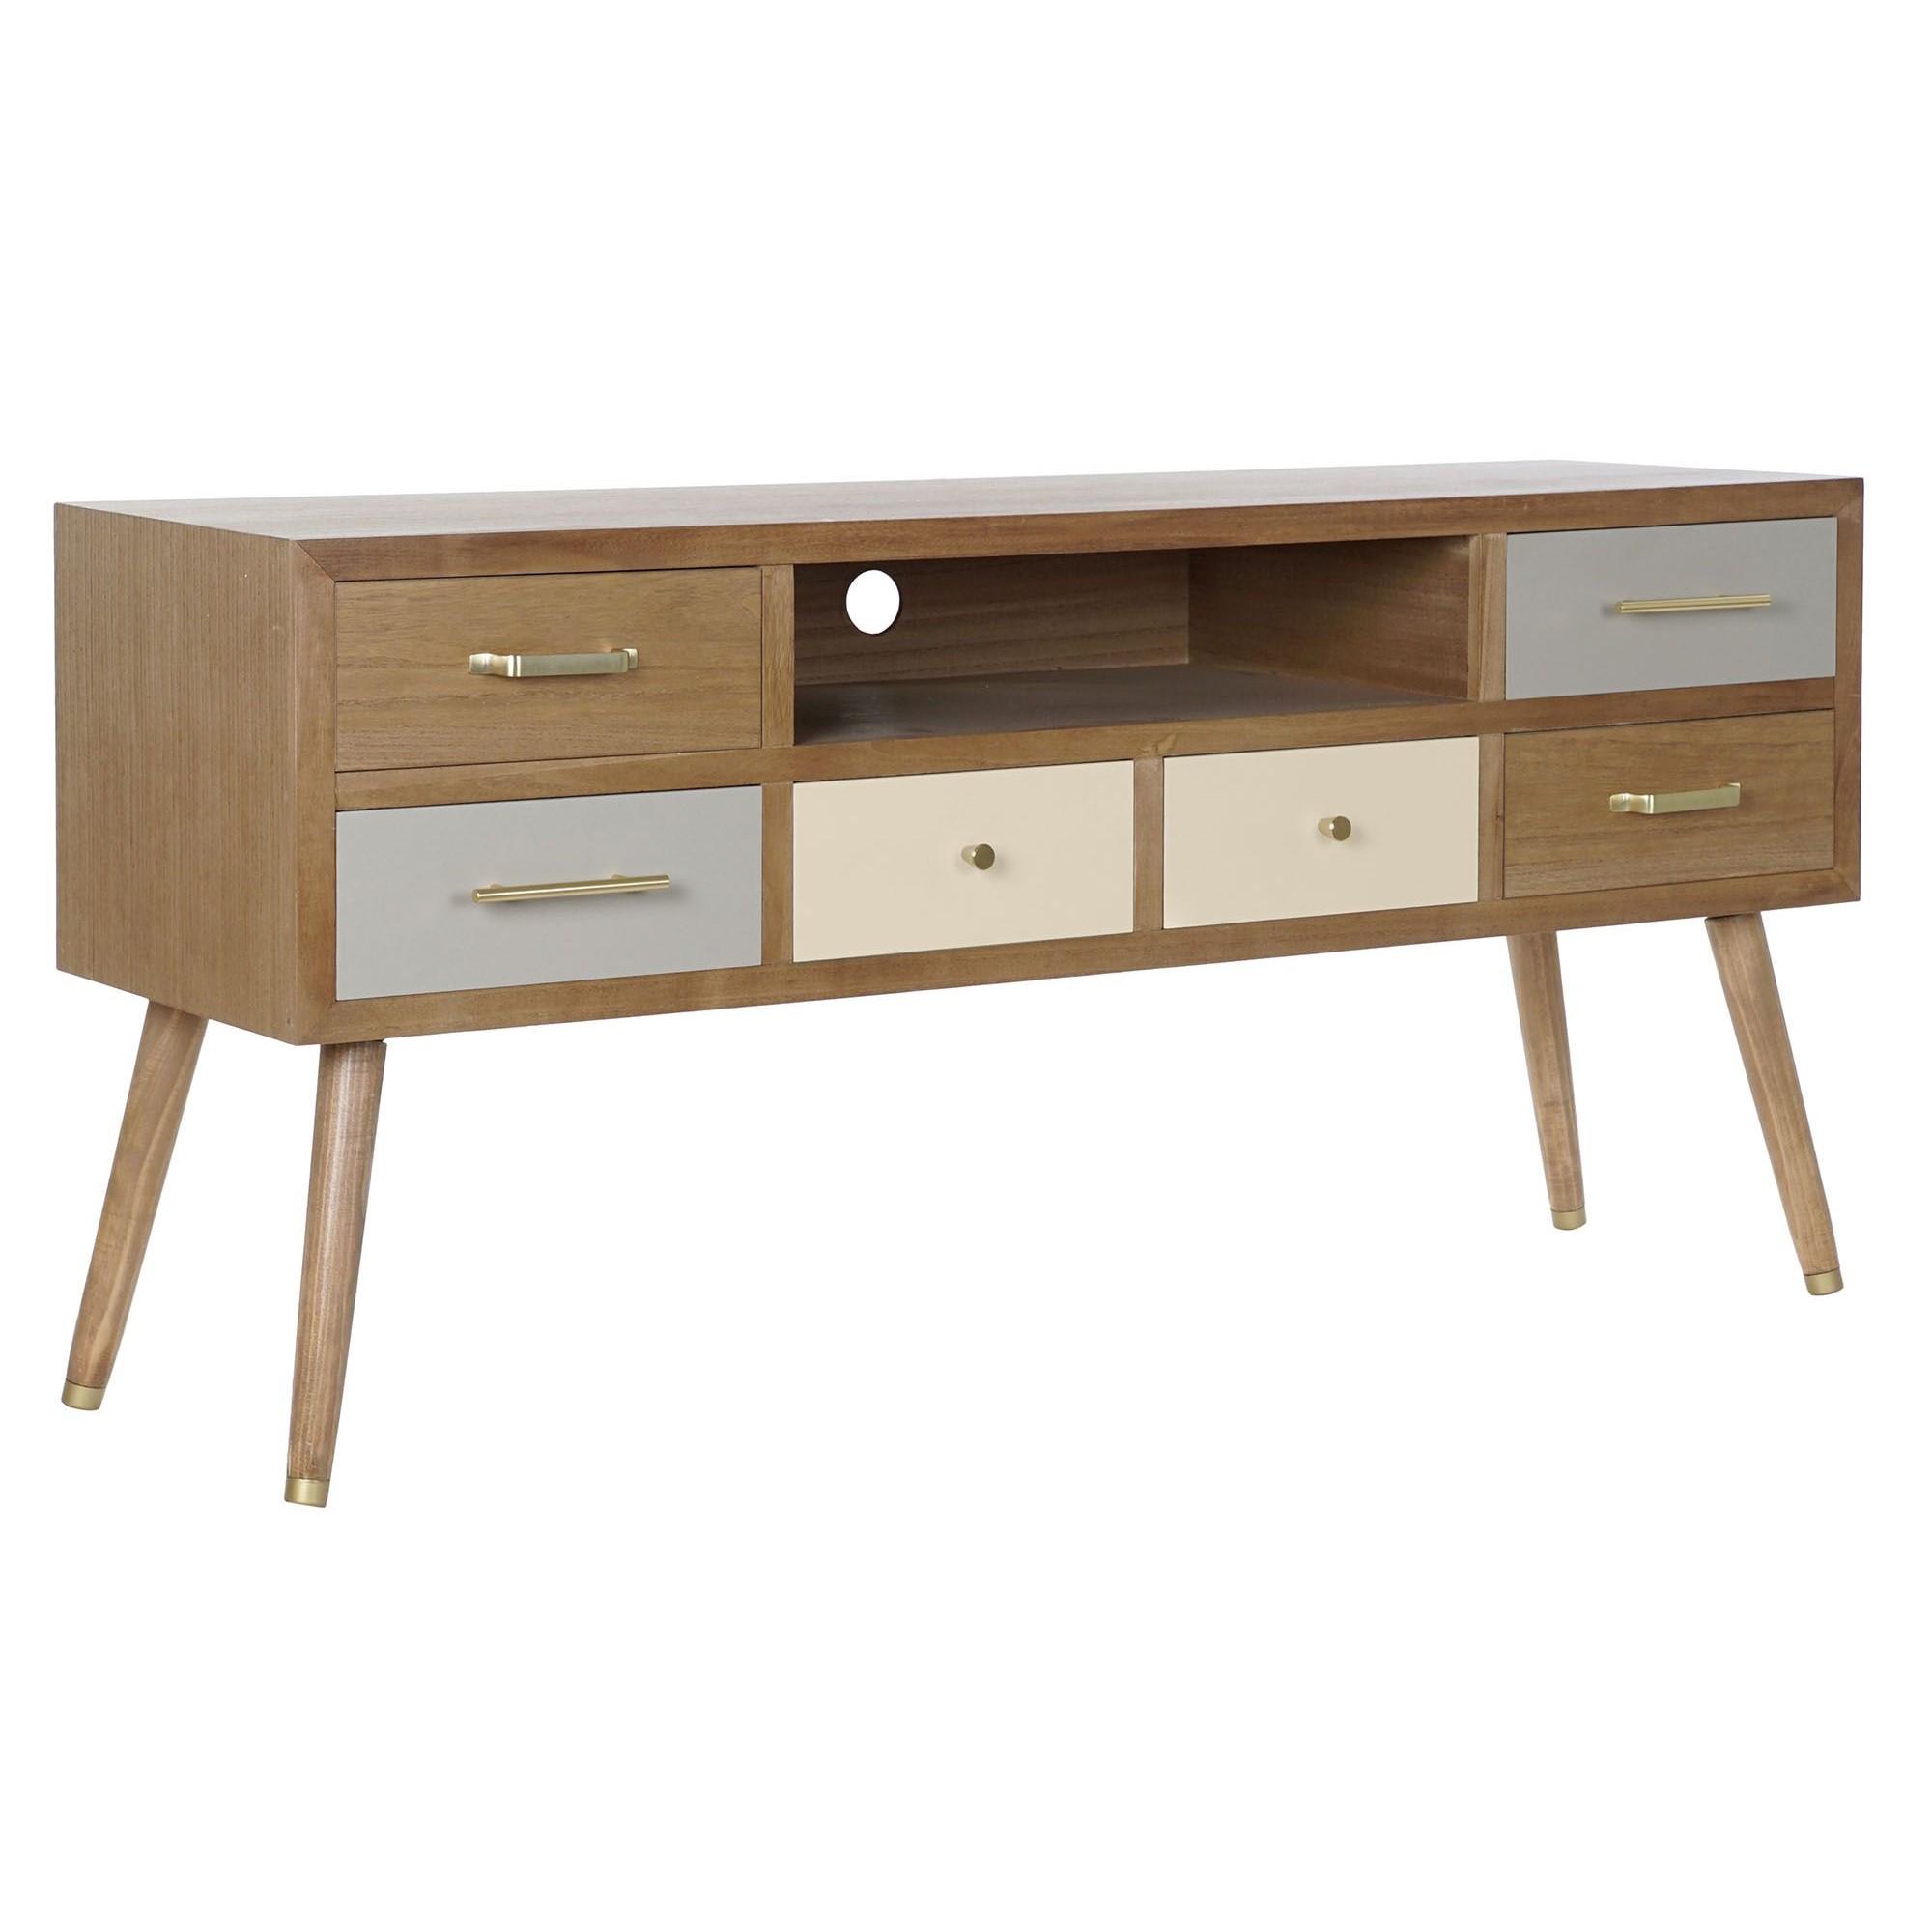 32514-mueble-tv-chic-madera.jpeg